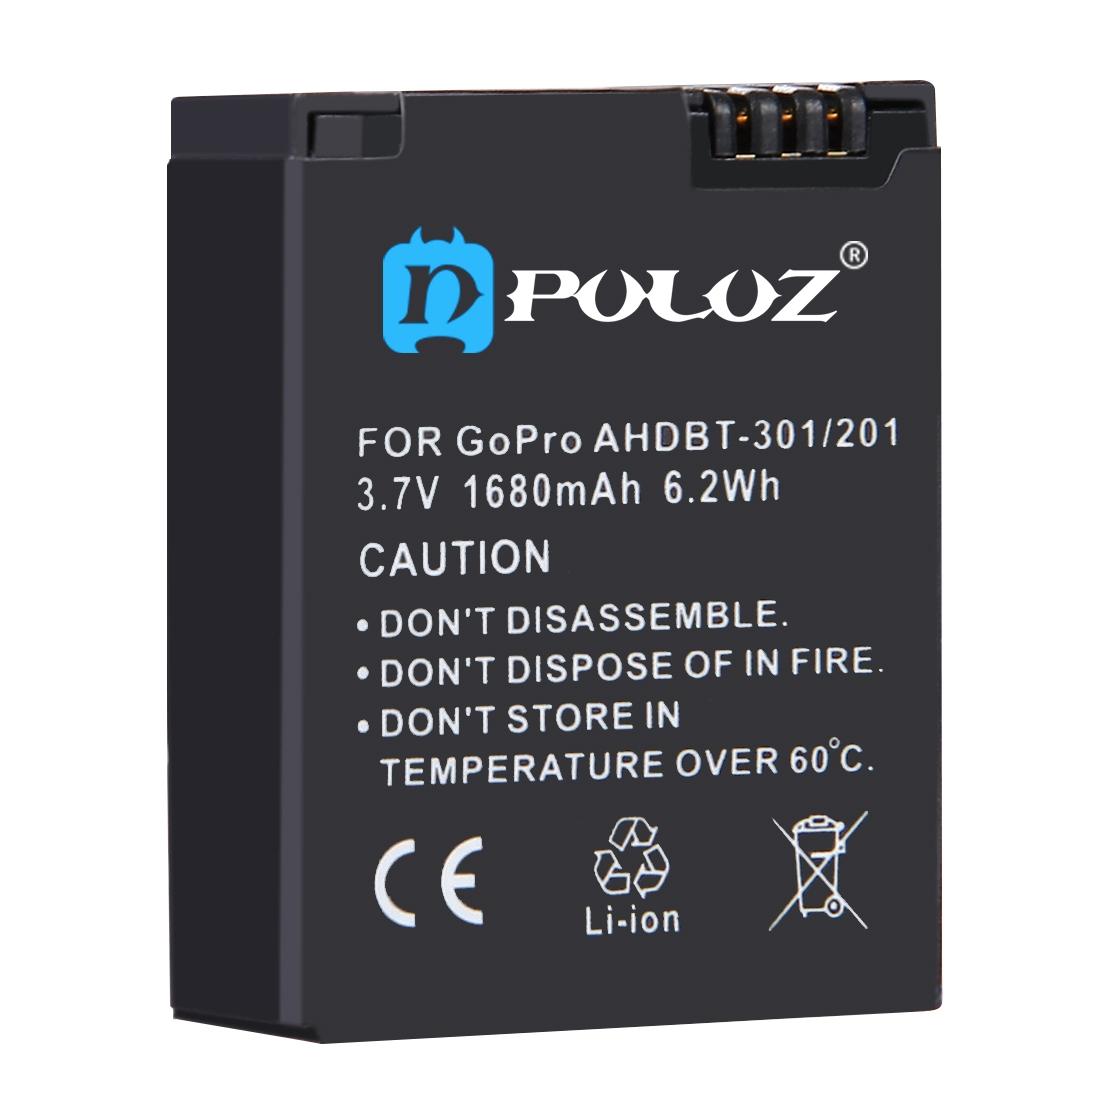 باتری لیتیومی قابل شارژ پلوز مدل PU36 مناسب برای دوربین های ورزشی گوپرو Hero 3